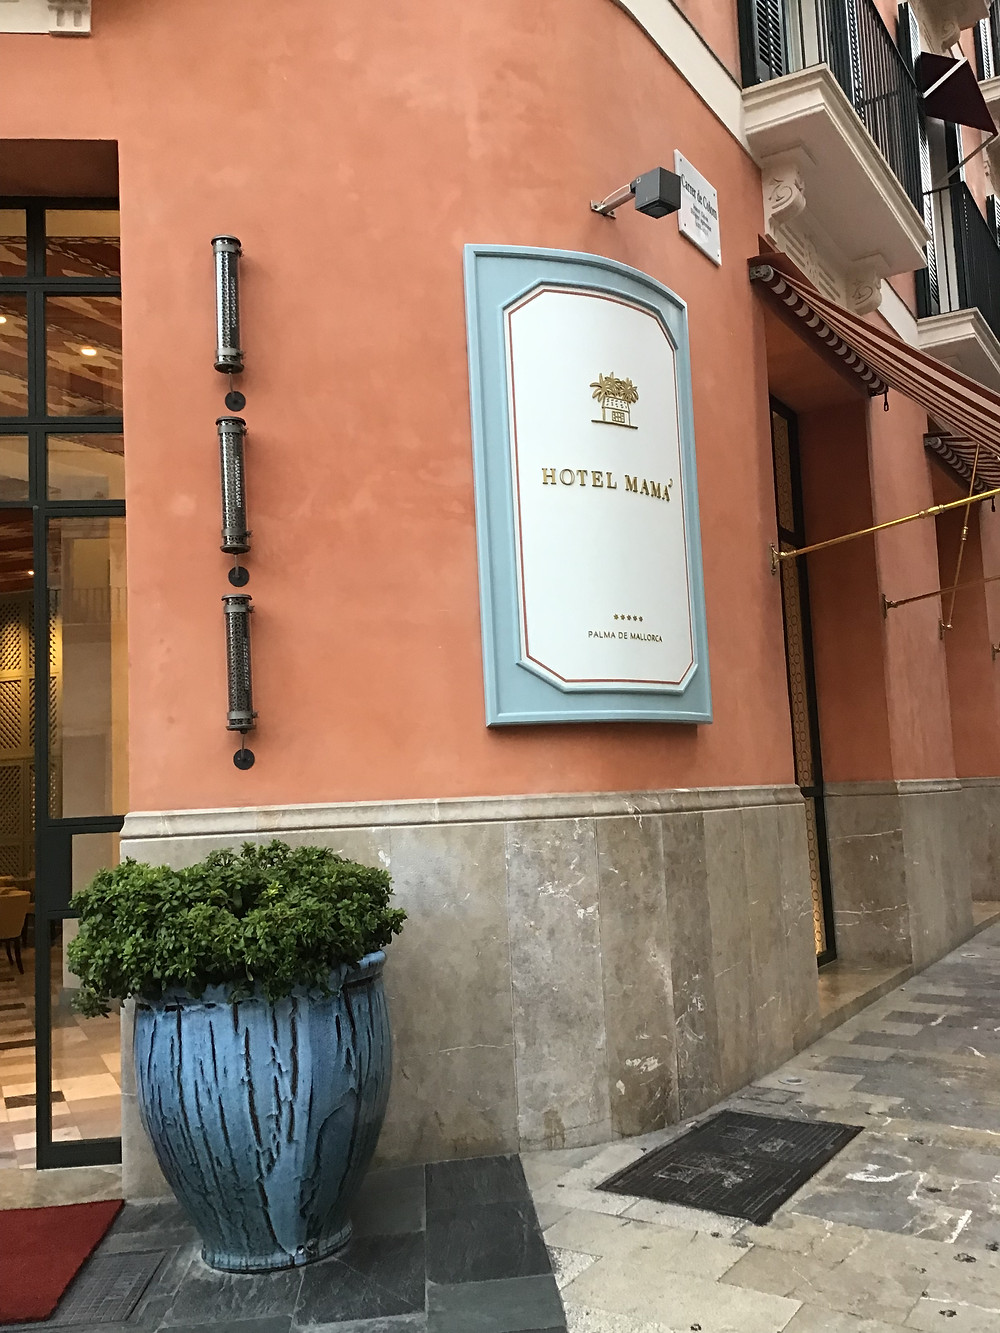 Entrance to Hotel Mamá in Palma Mallorca.